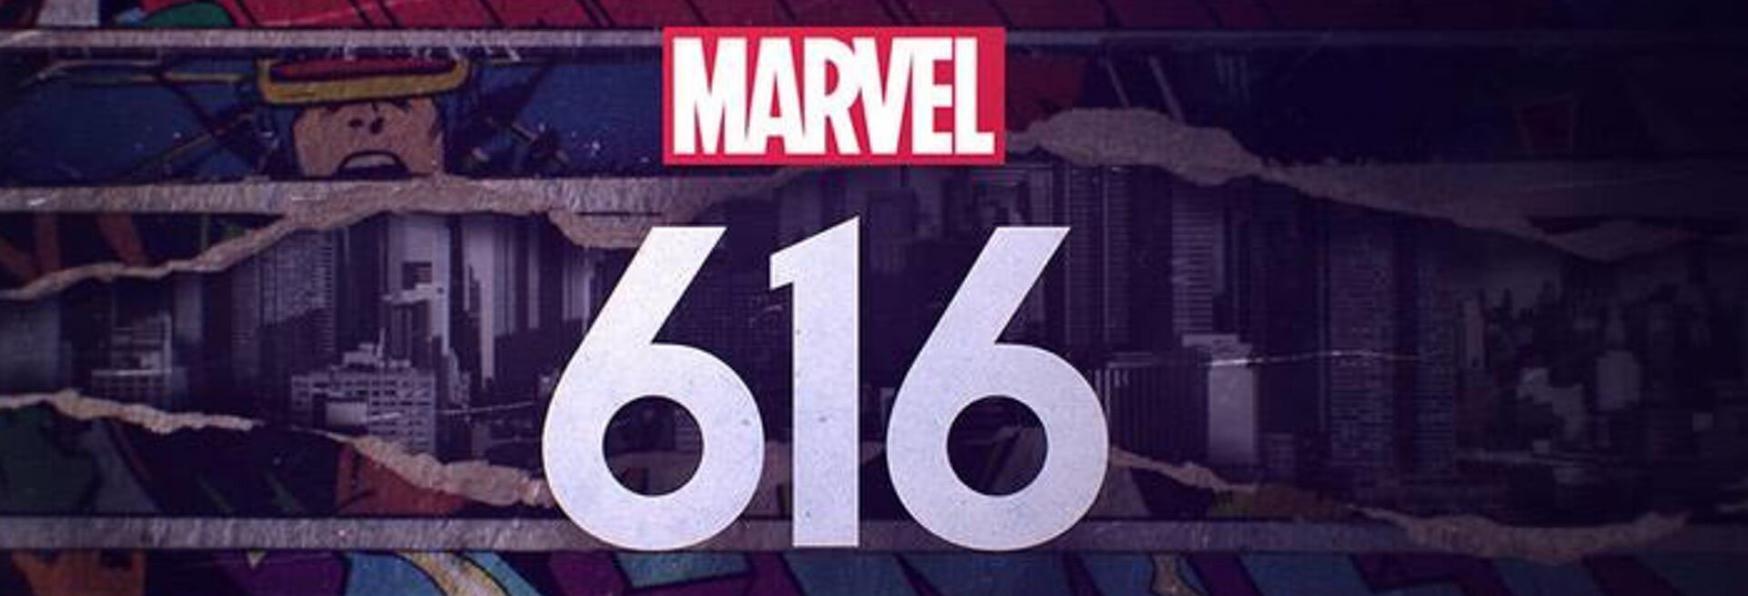 Marvel's 616: Trama, Cast, Data e Trailer della nuova Docuserie targata Disney